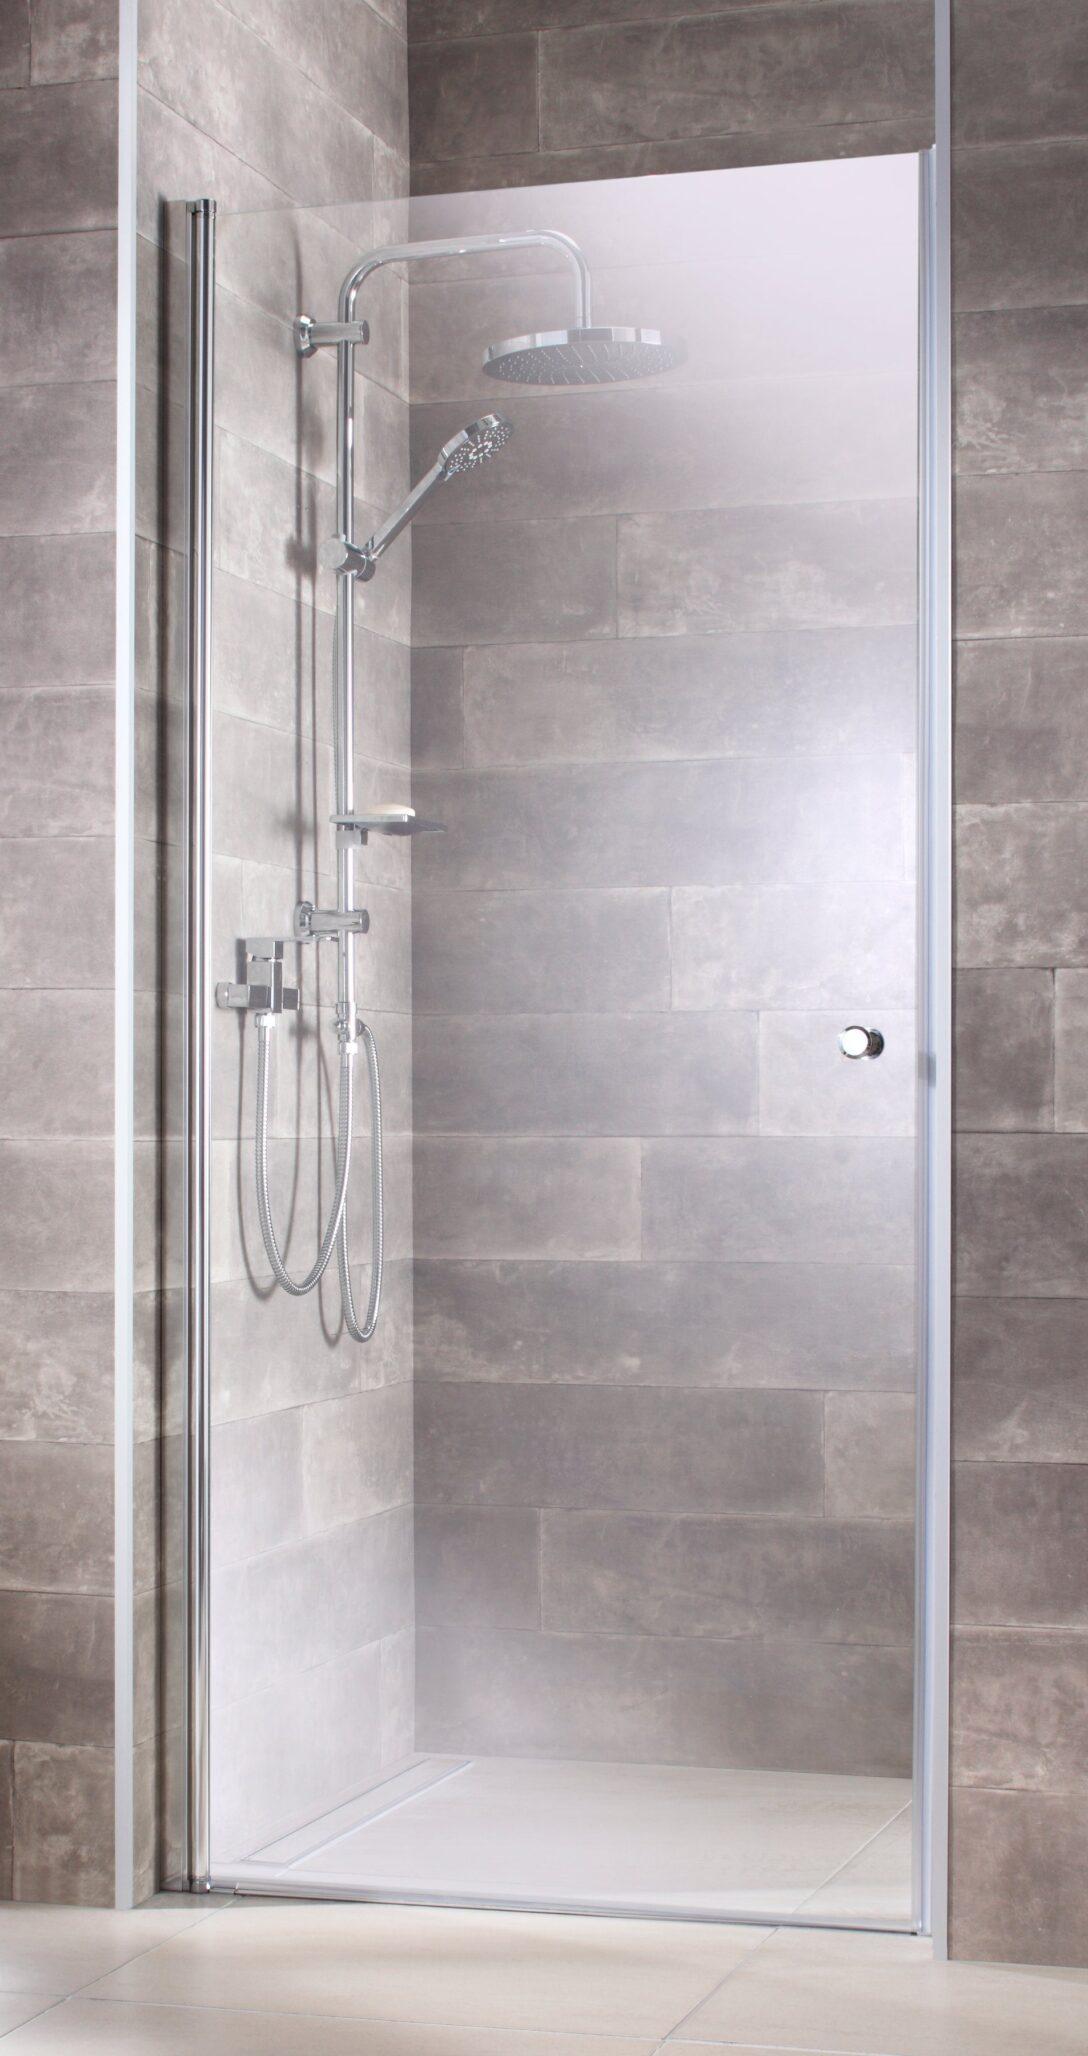 Large Size of Nischentür Dusche Nische Badkamer En Vloer Beton Cire Pebble Floor Begehbare Badewanne Mit Tür Und Bodengleiche Nachträglich Einbauen Grohe Thermostat Dusche Nischentür Dusche